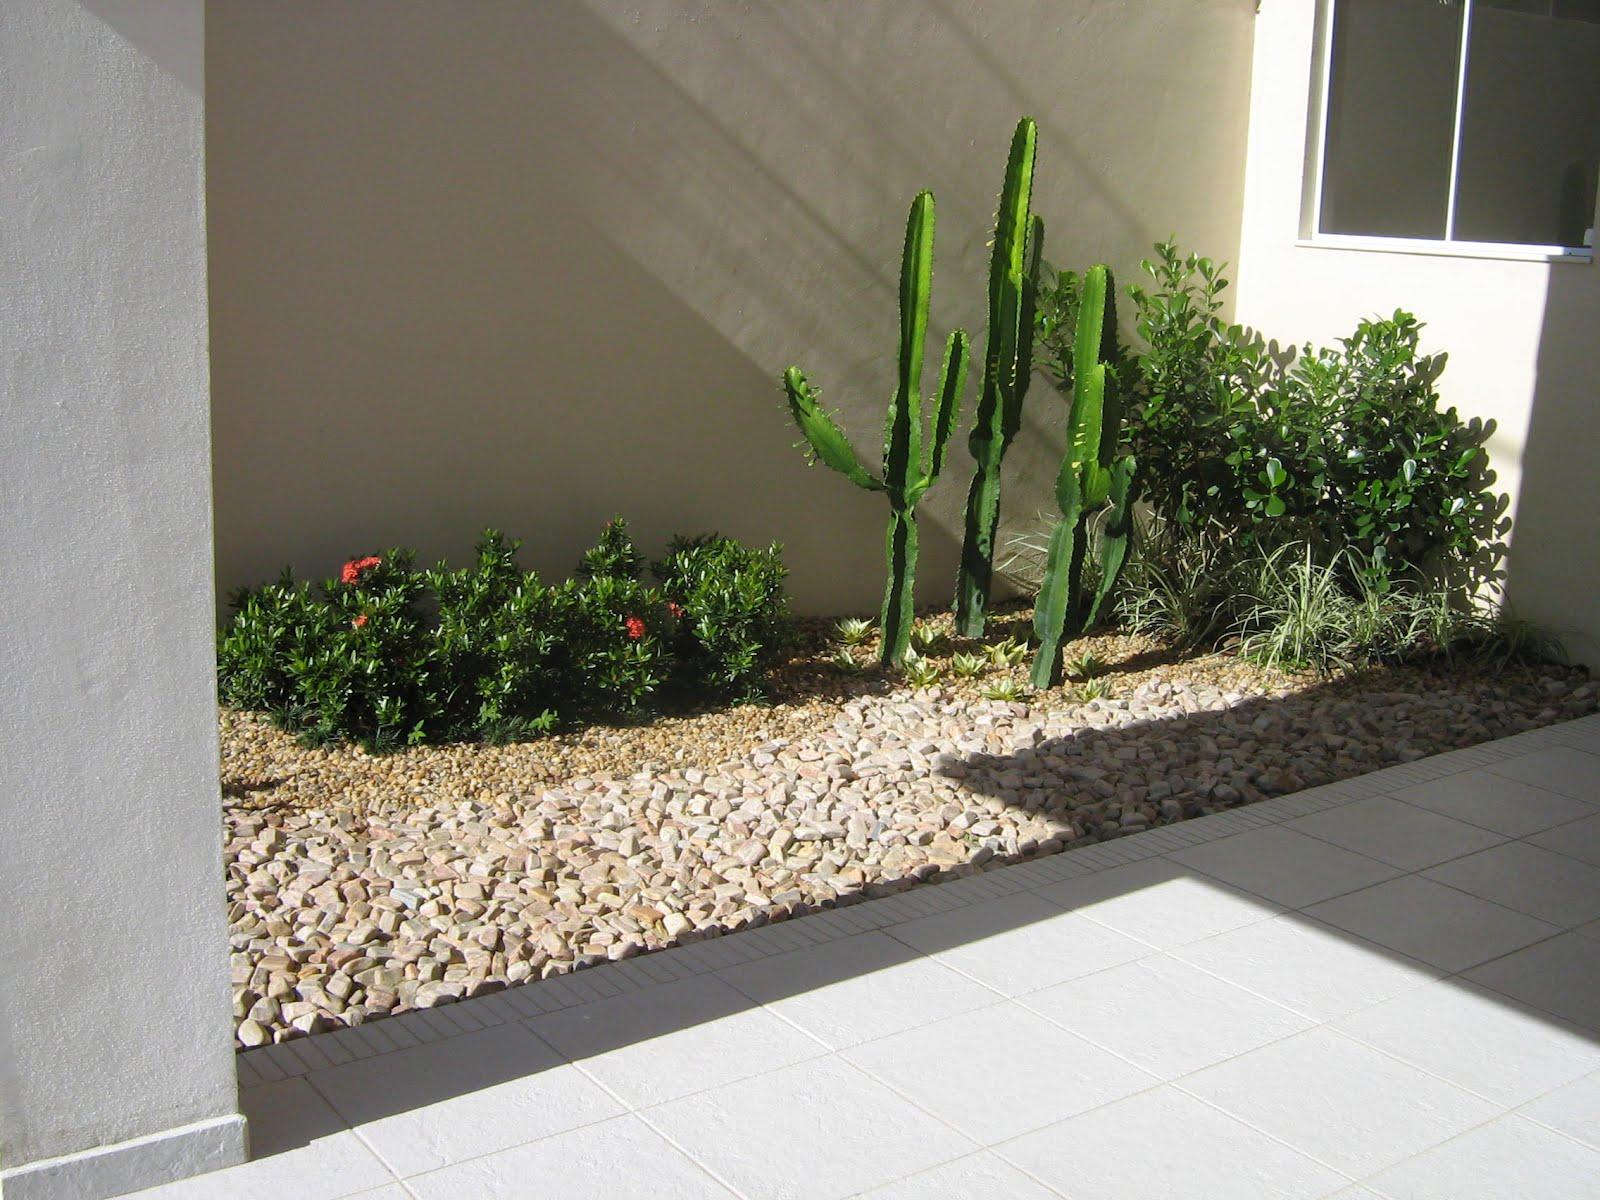 pedras para jardim em sorocaba:Mauro Pedras Decorativas: Jardim de Pedra de Rio